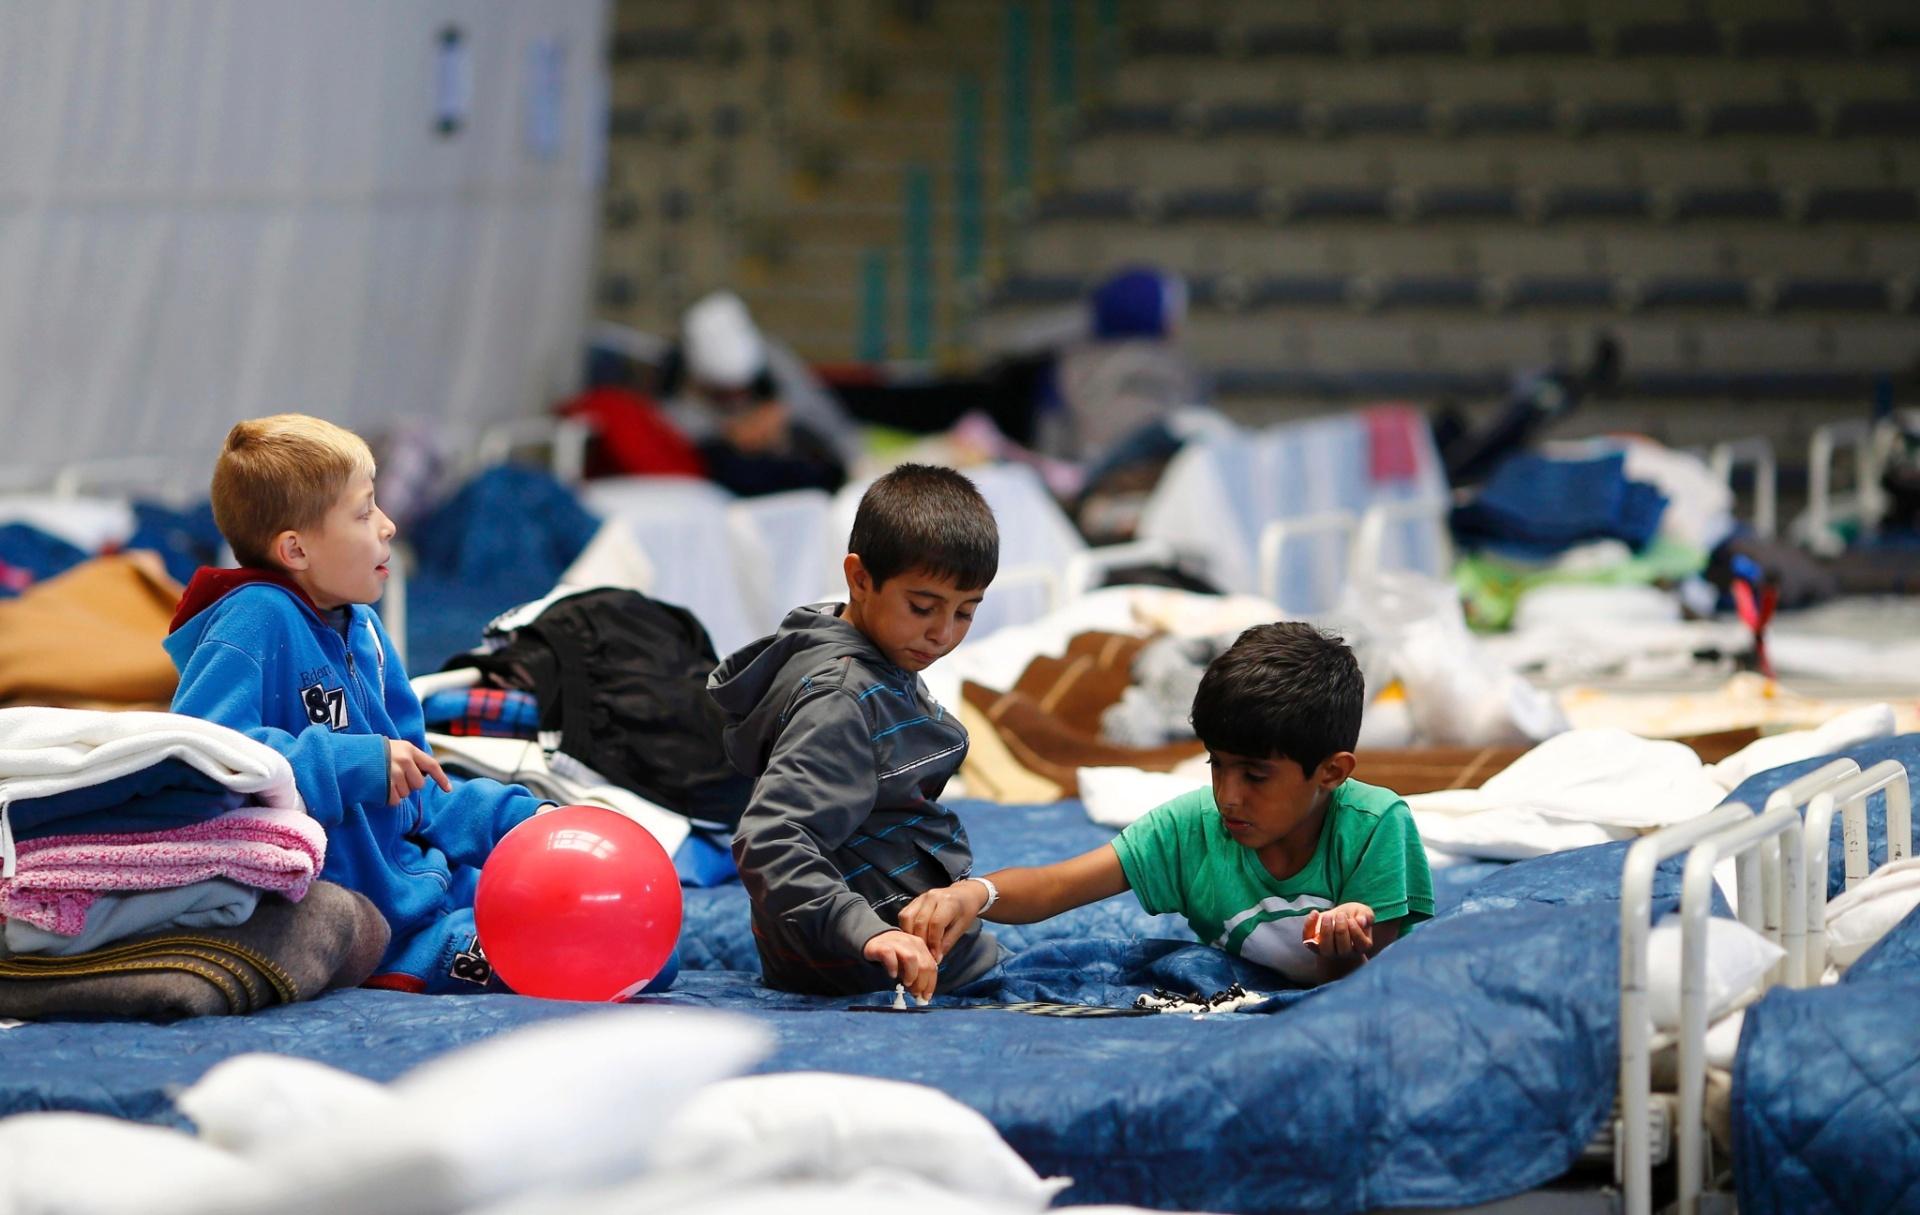 29.set.2015 - Crianças imigrantes jogam em abrigo temporário dentro de estádio esportivo em Hanau, Alemanha, país com maior população muçulmana da Europa